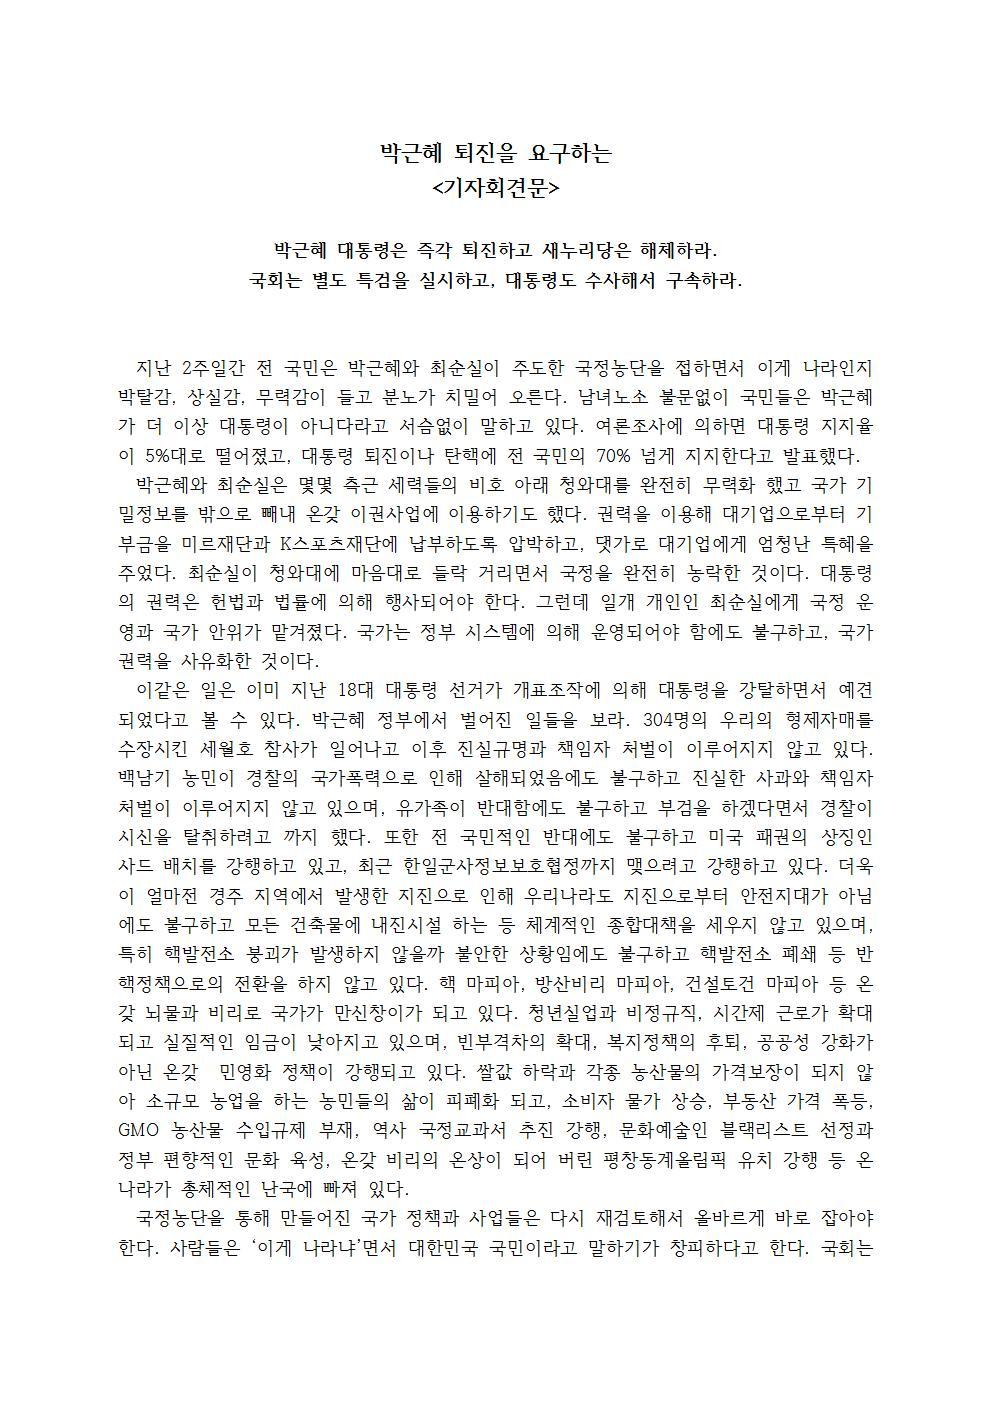 16.11.9-박통 퇴진 기자회견문_최종001.jpg